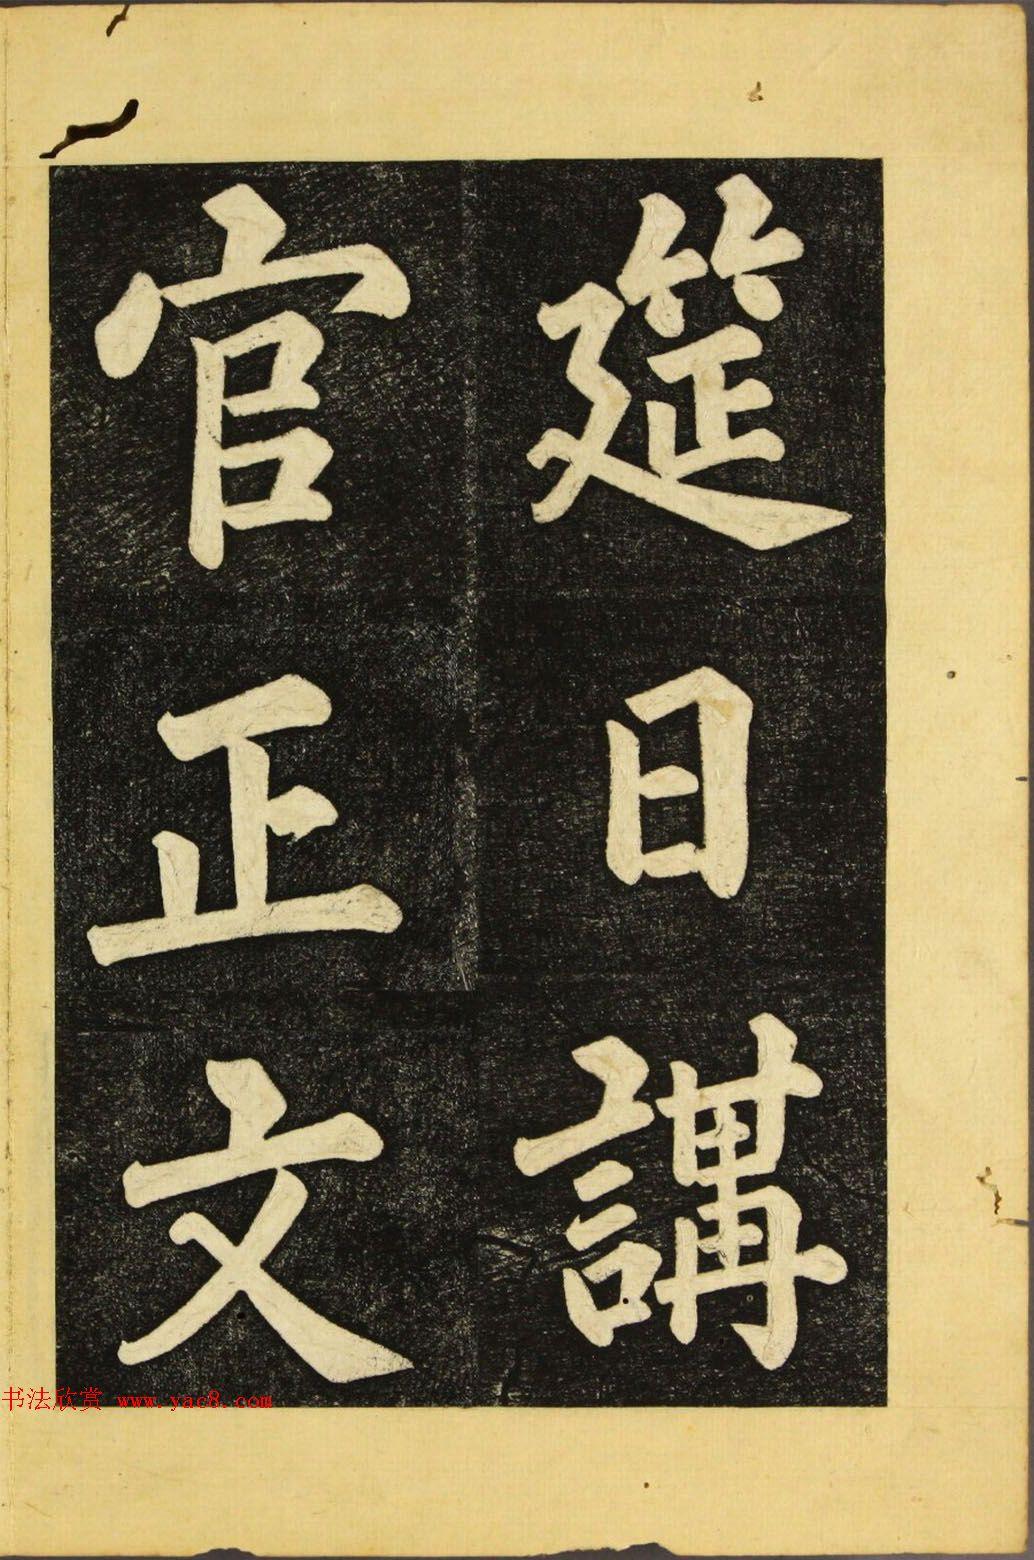 朝鲜金炳国楷书《兼吏曹判书正文金公墓表阴记》